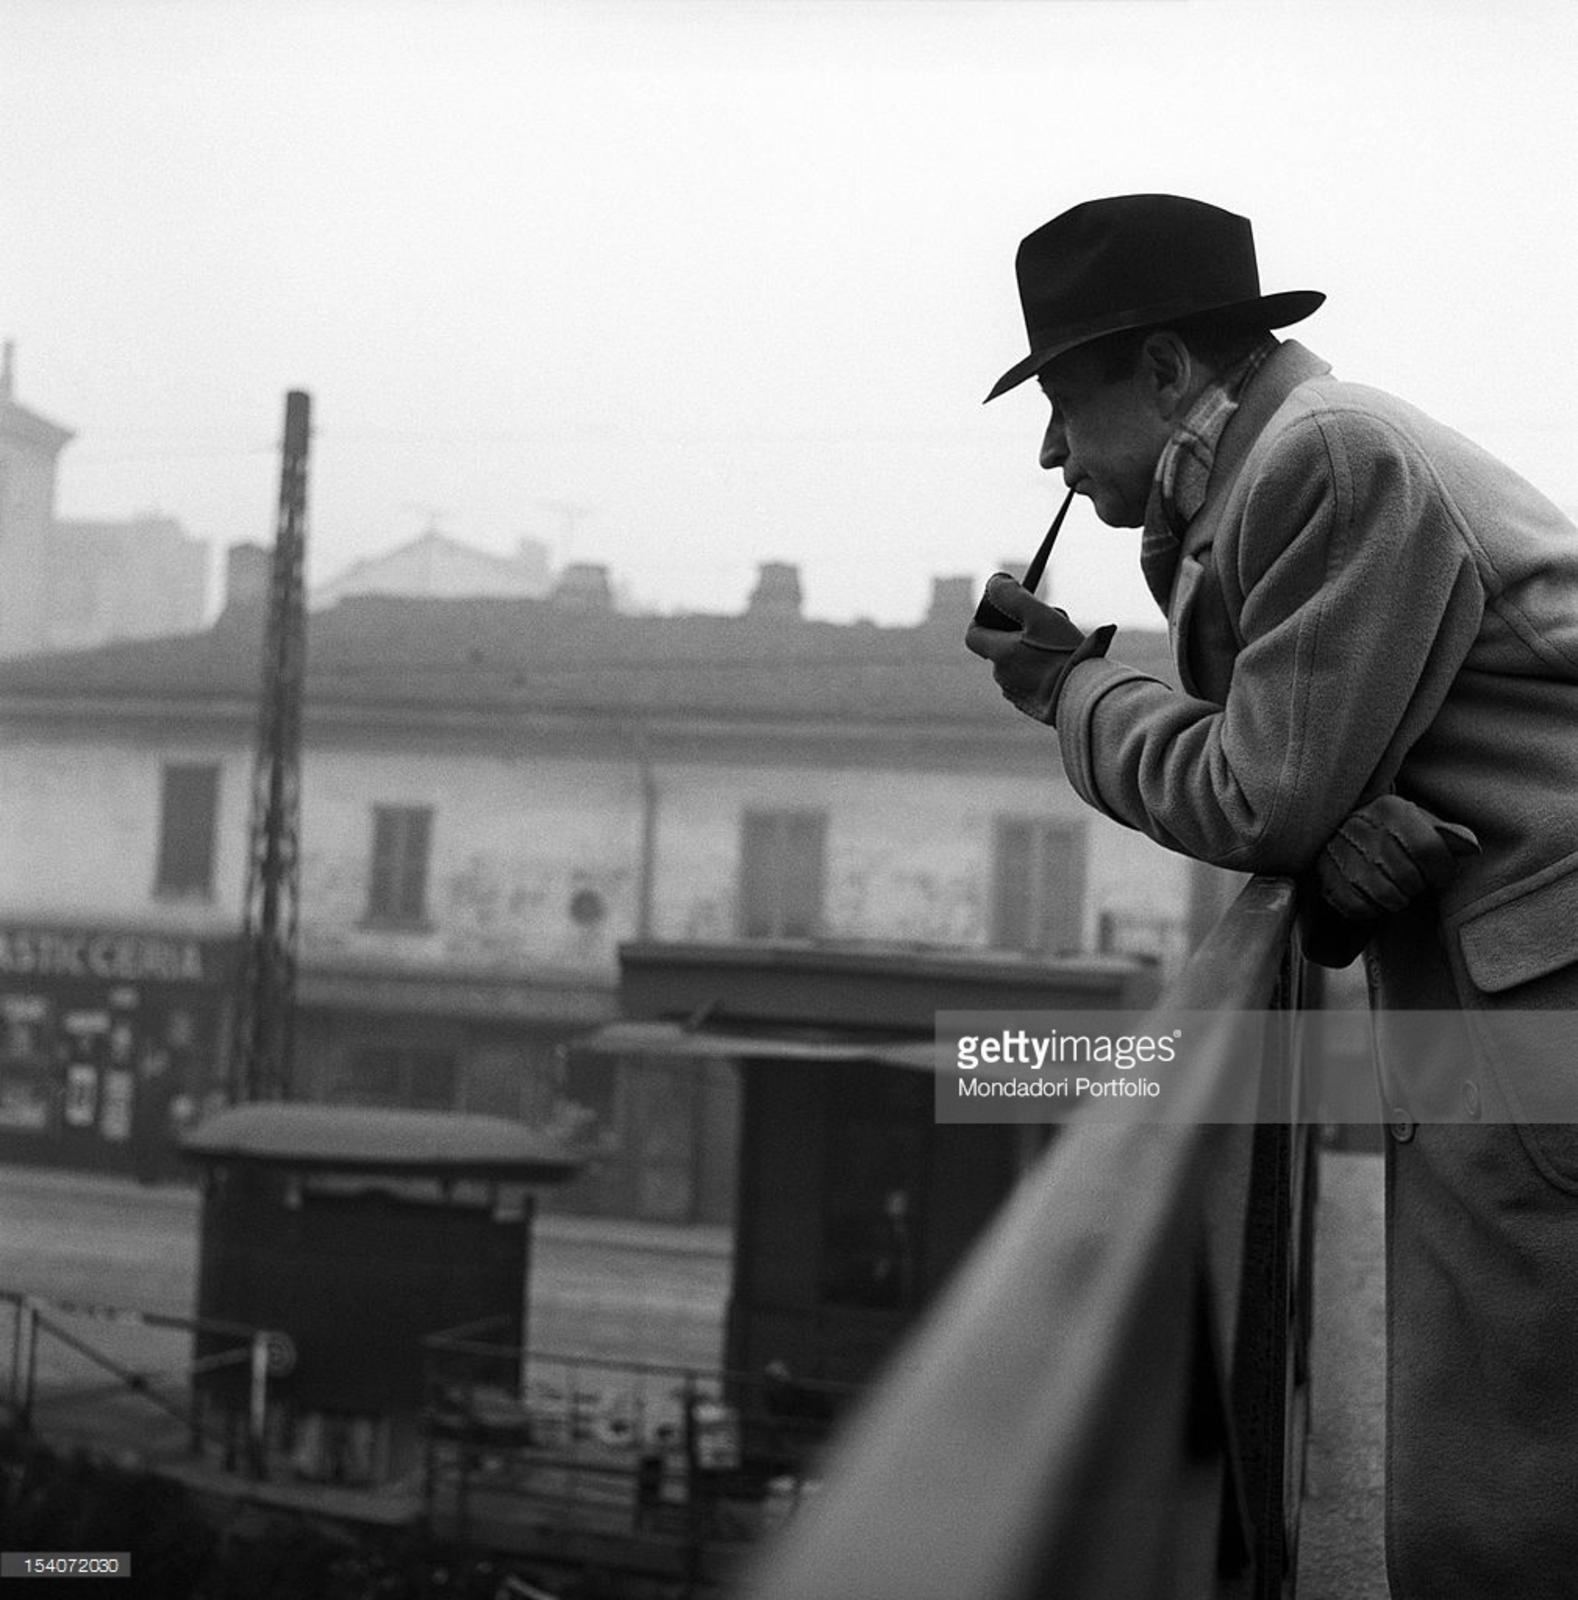 Milano Barona George Simenon sul Ponte di San Cristoforo, anni '50 (da Mondadori Portfolio)